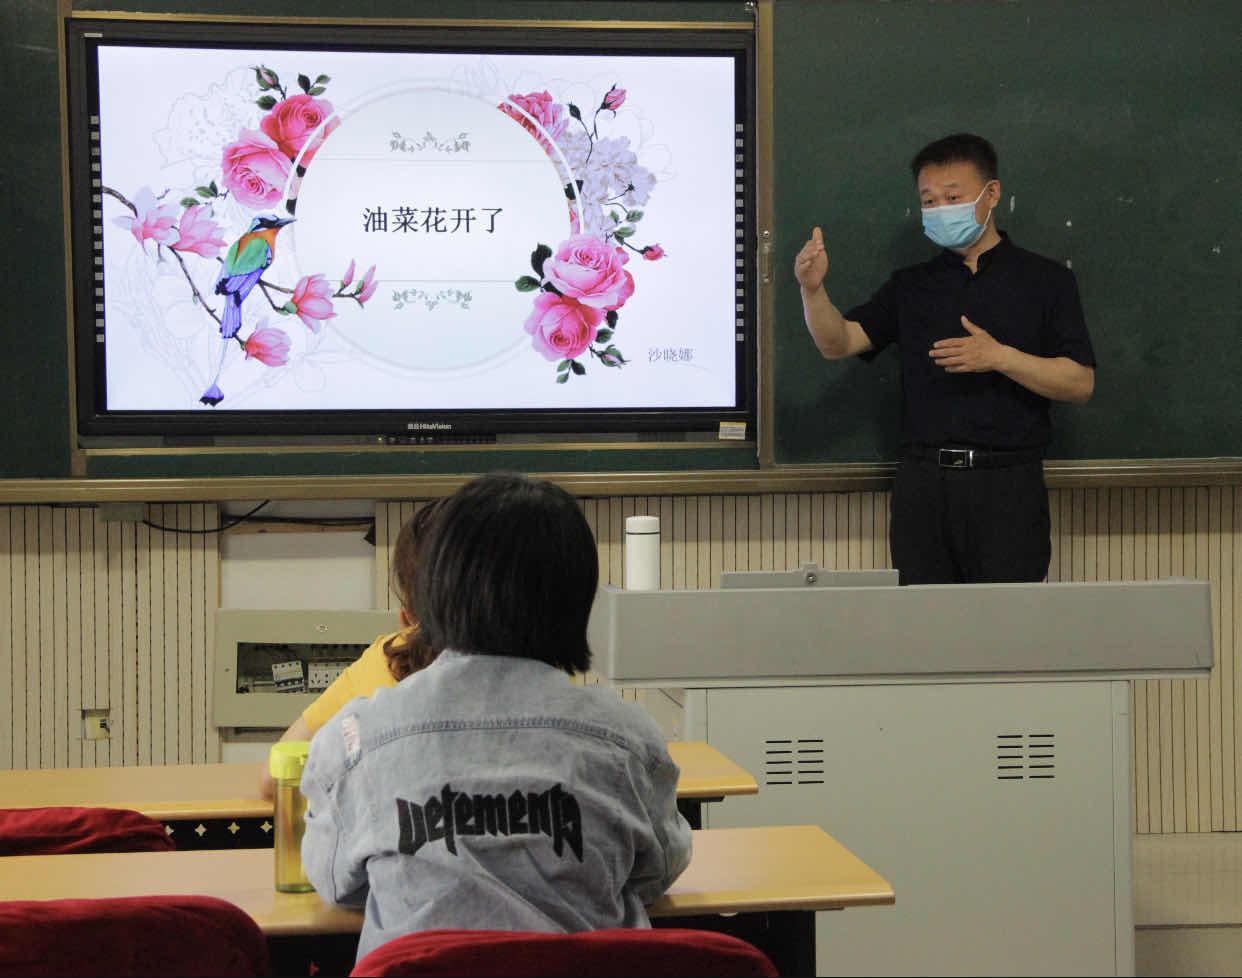 夯实《科学磨课设计与实践》,确保疫情期间教研质量